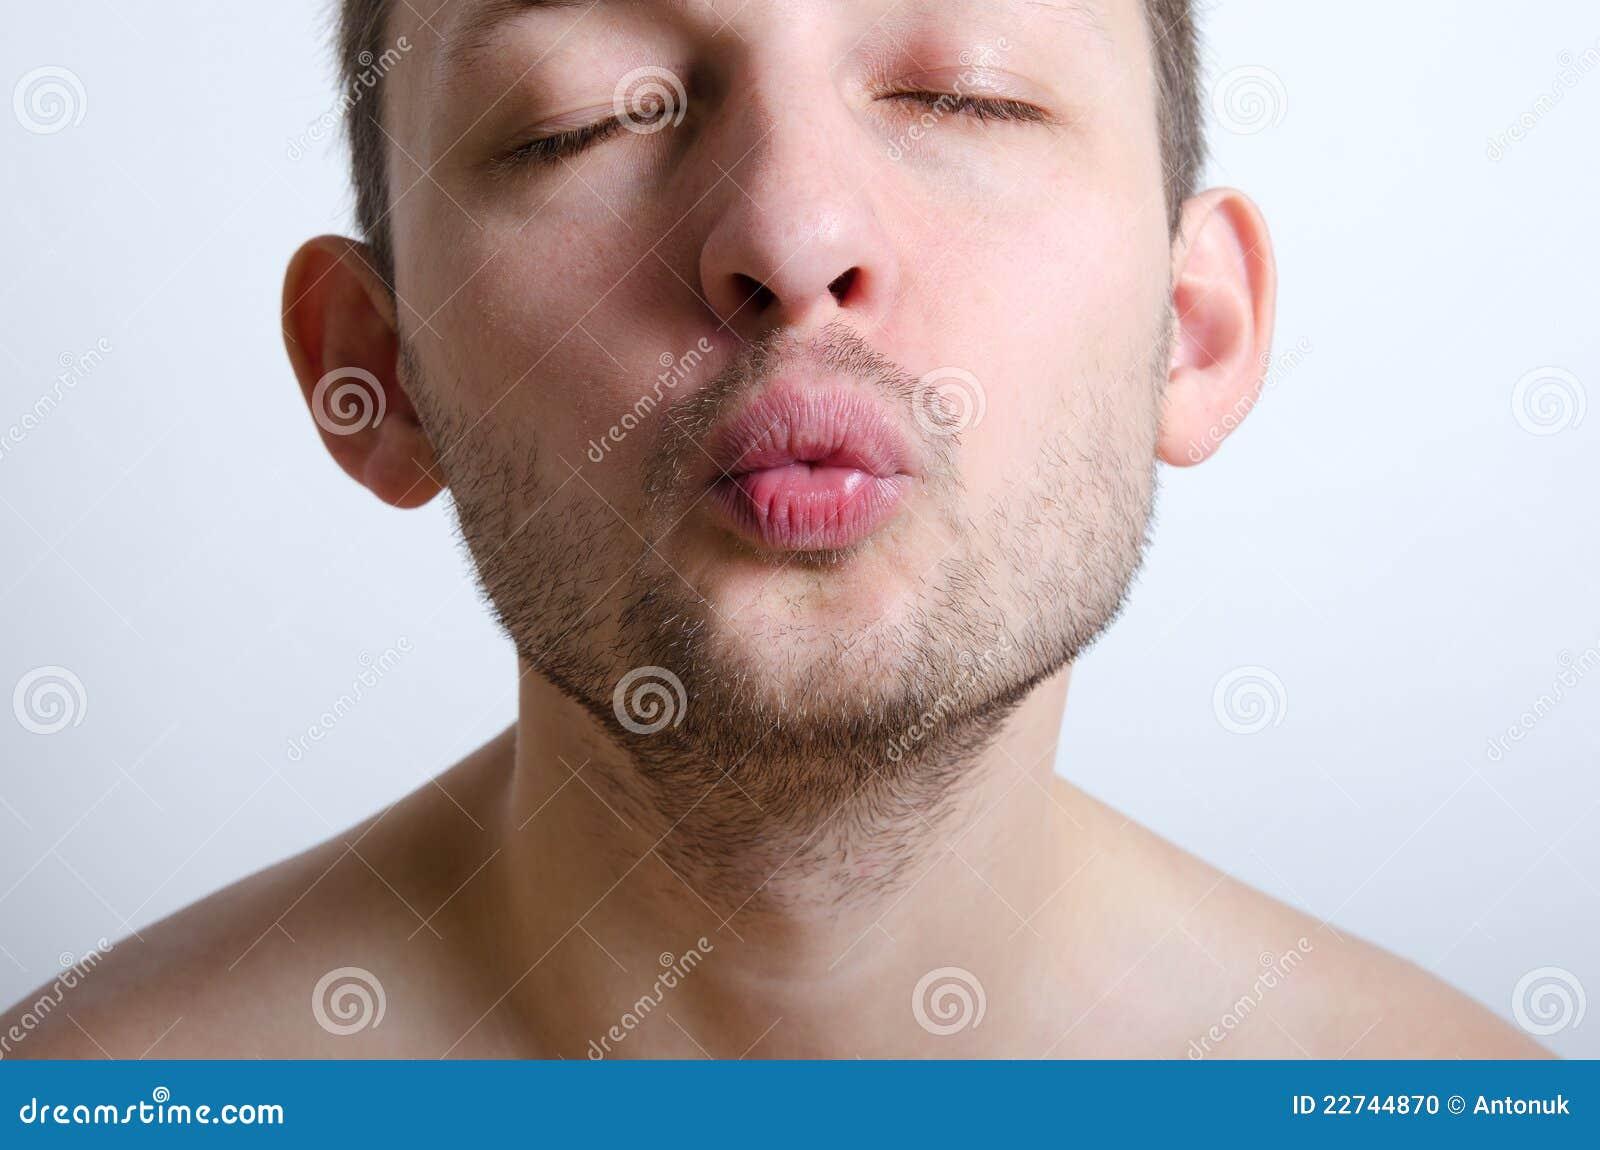 Русская телка на лице мужика, Порно Сидит на лице -видео. Смотреть порно онлайн! 24 фотография